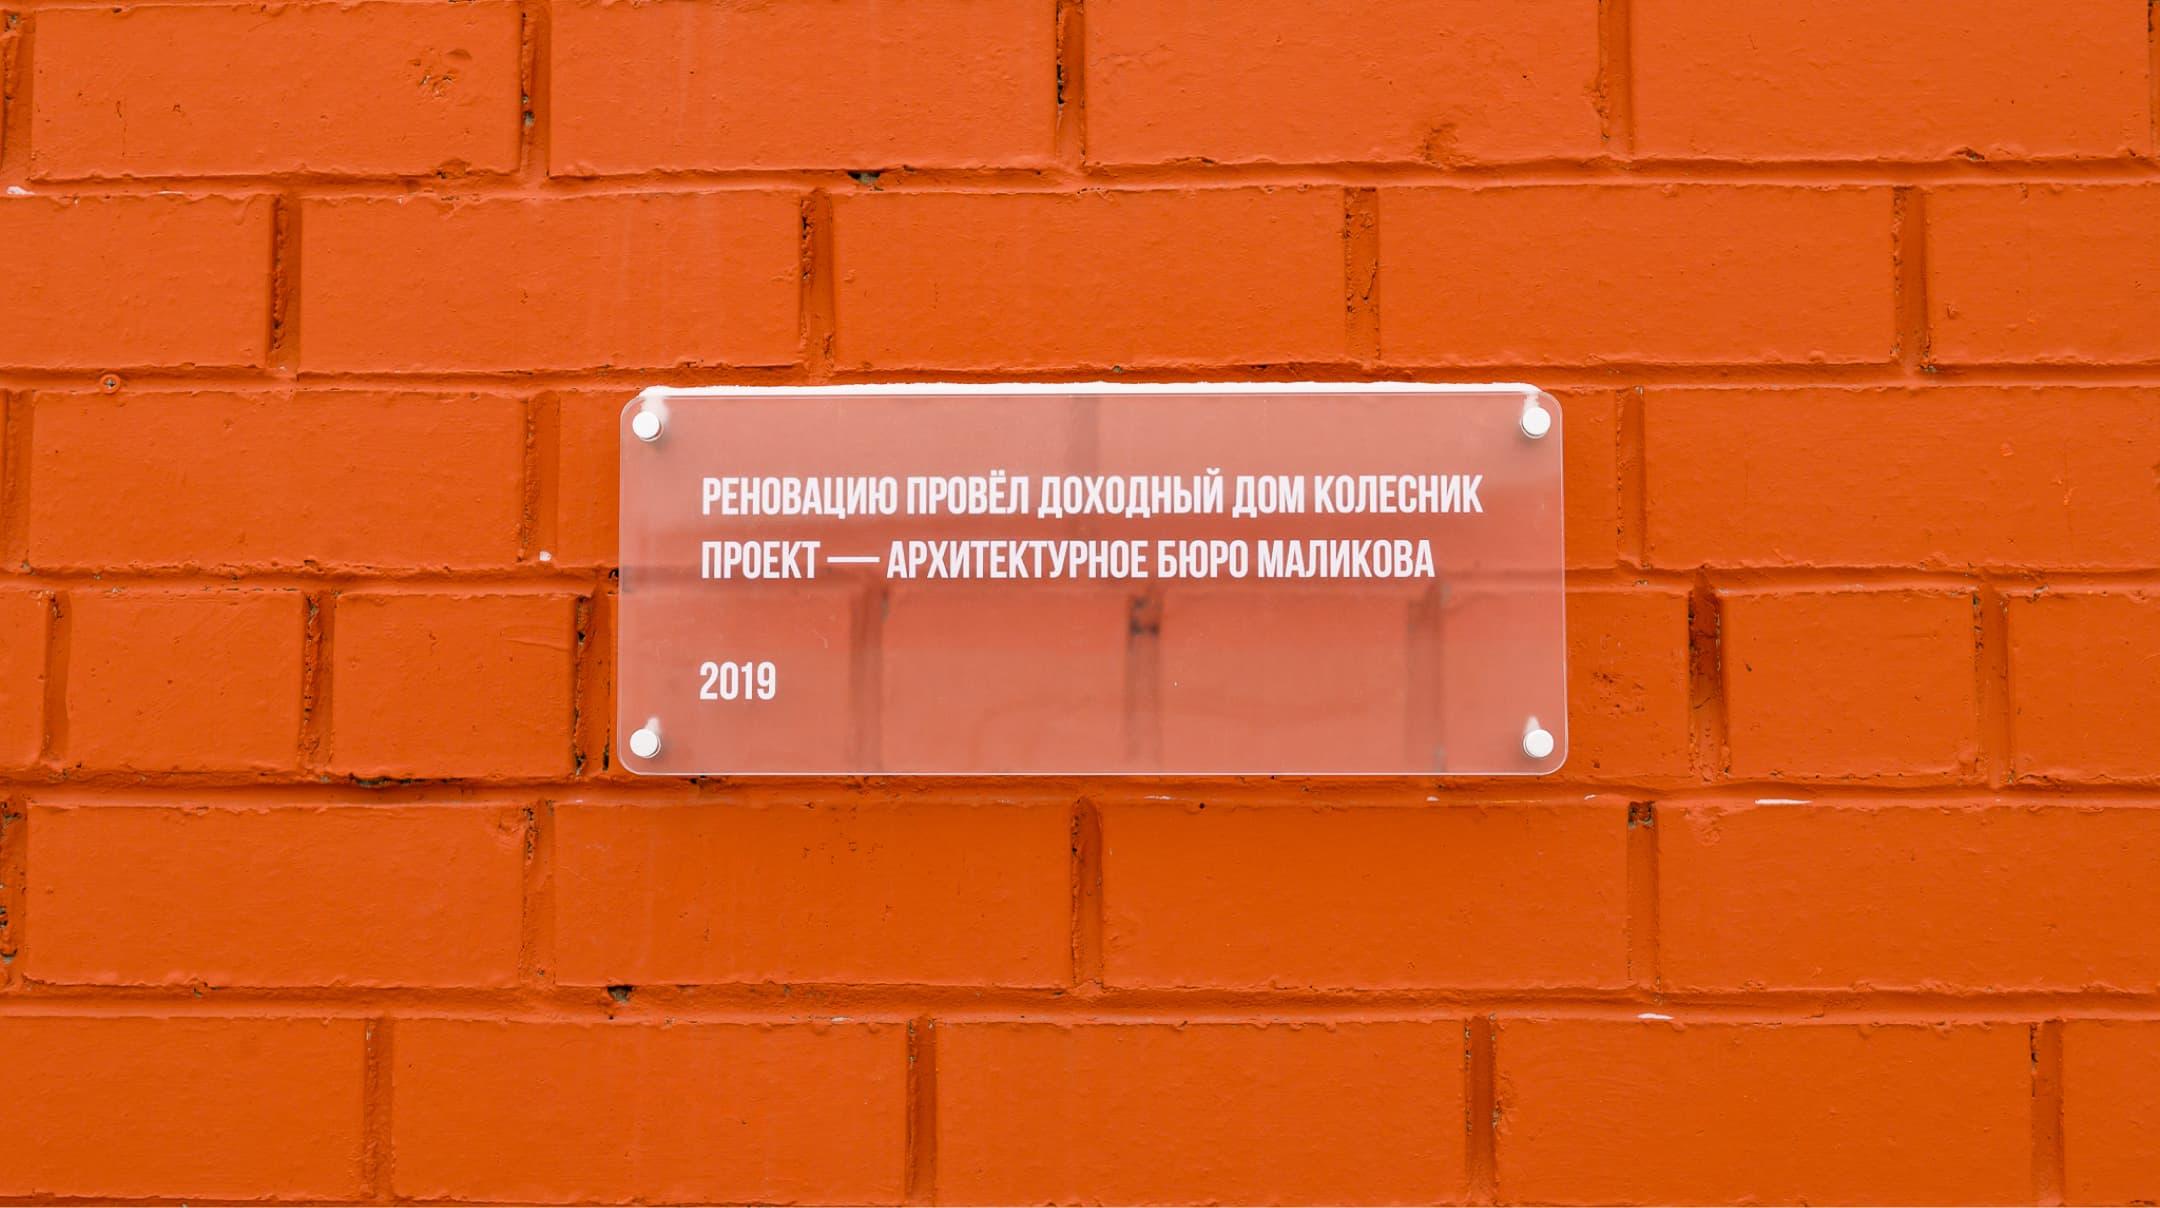 Табличка на кирпичной стене.